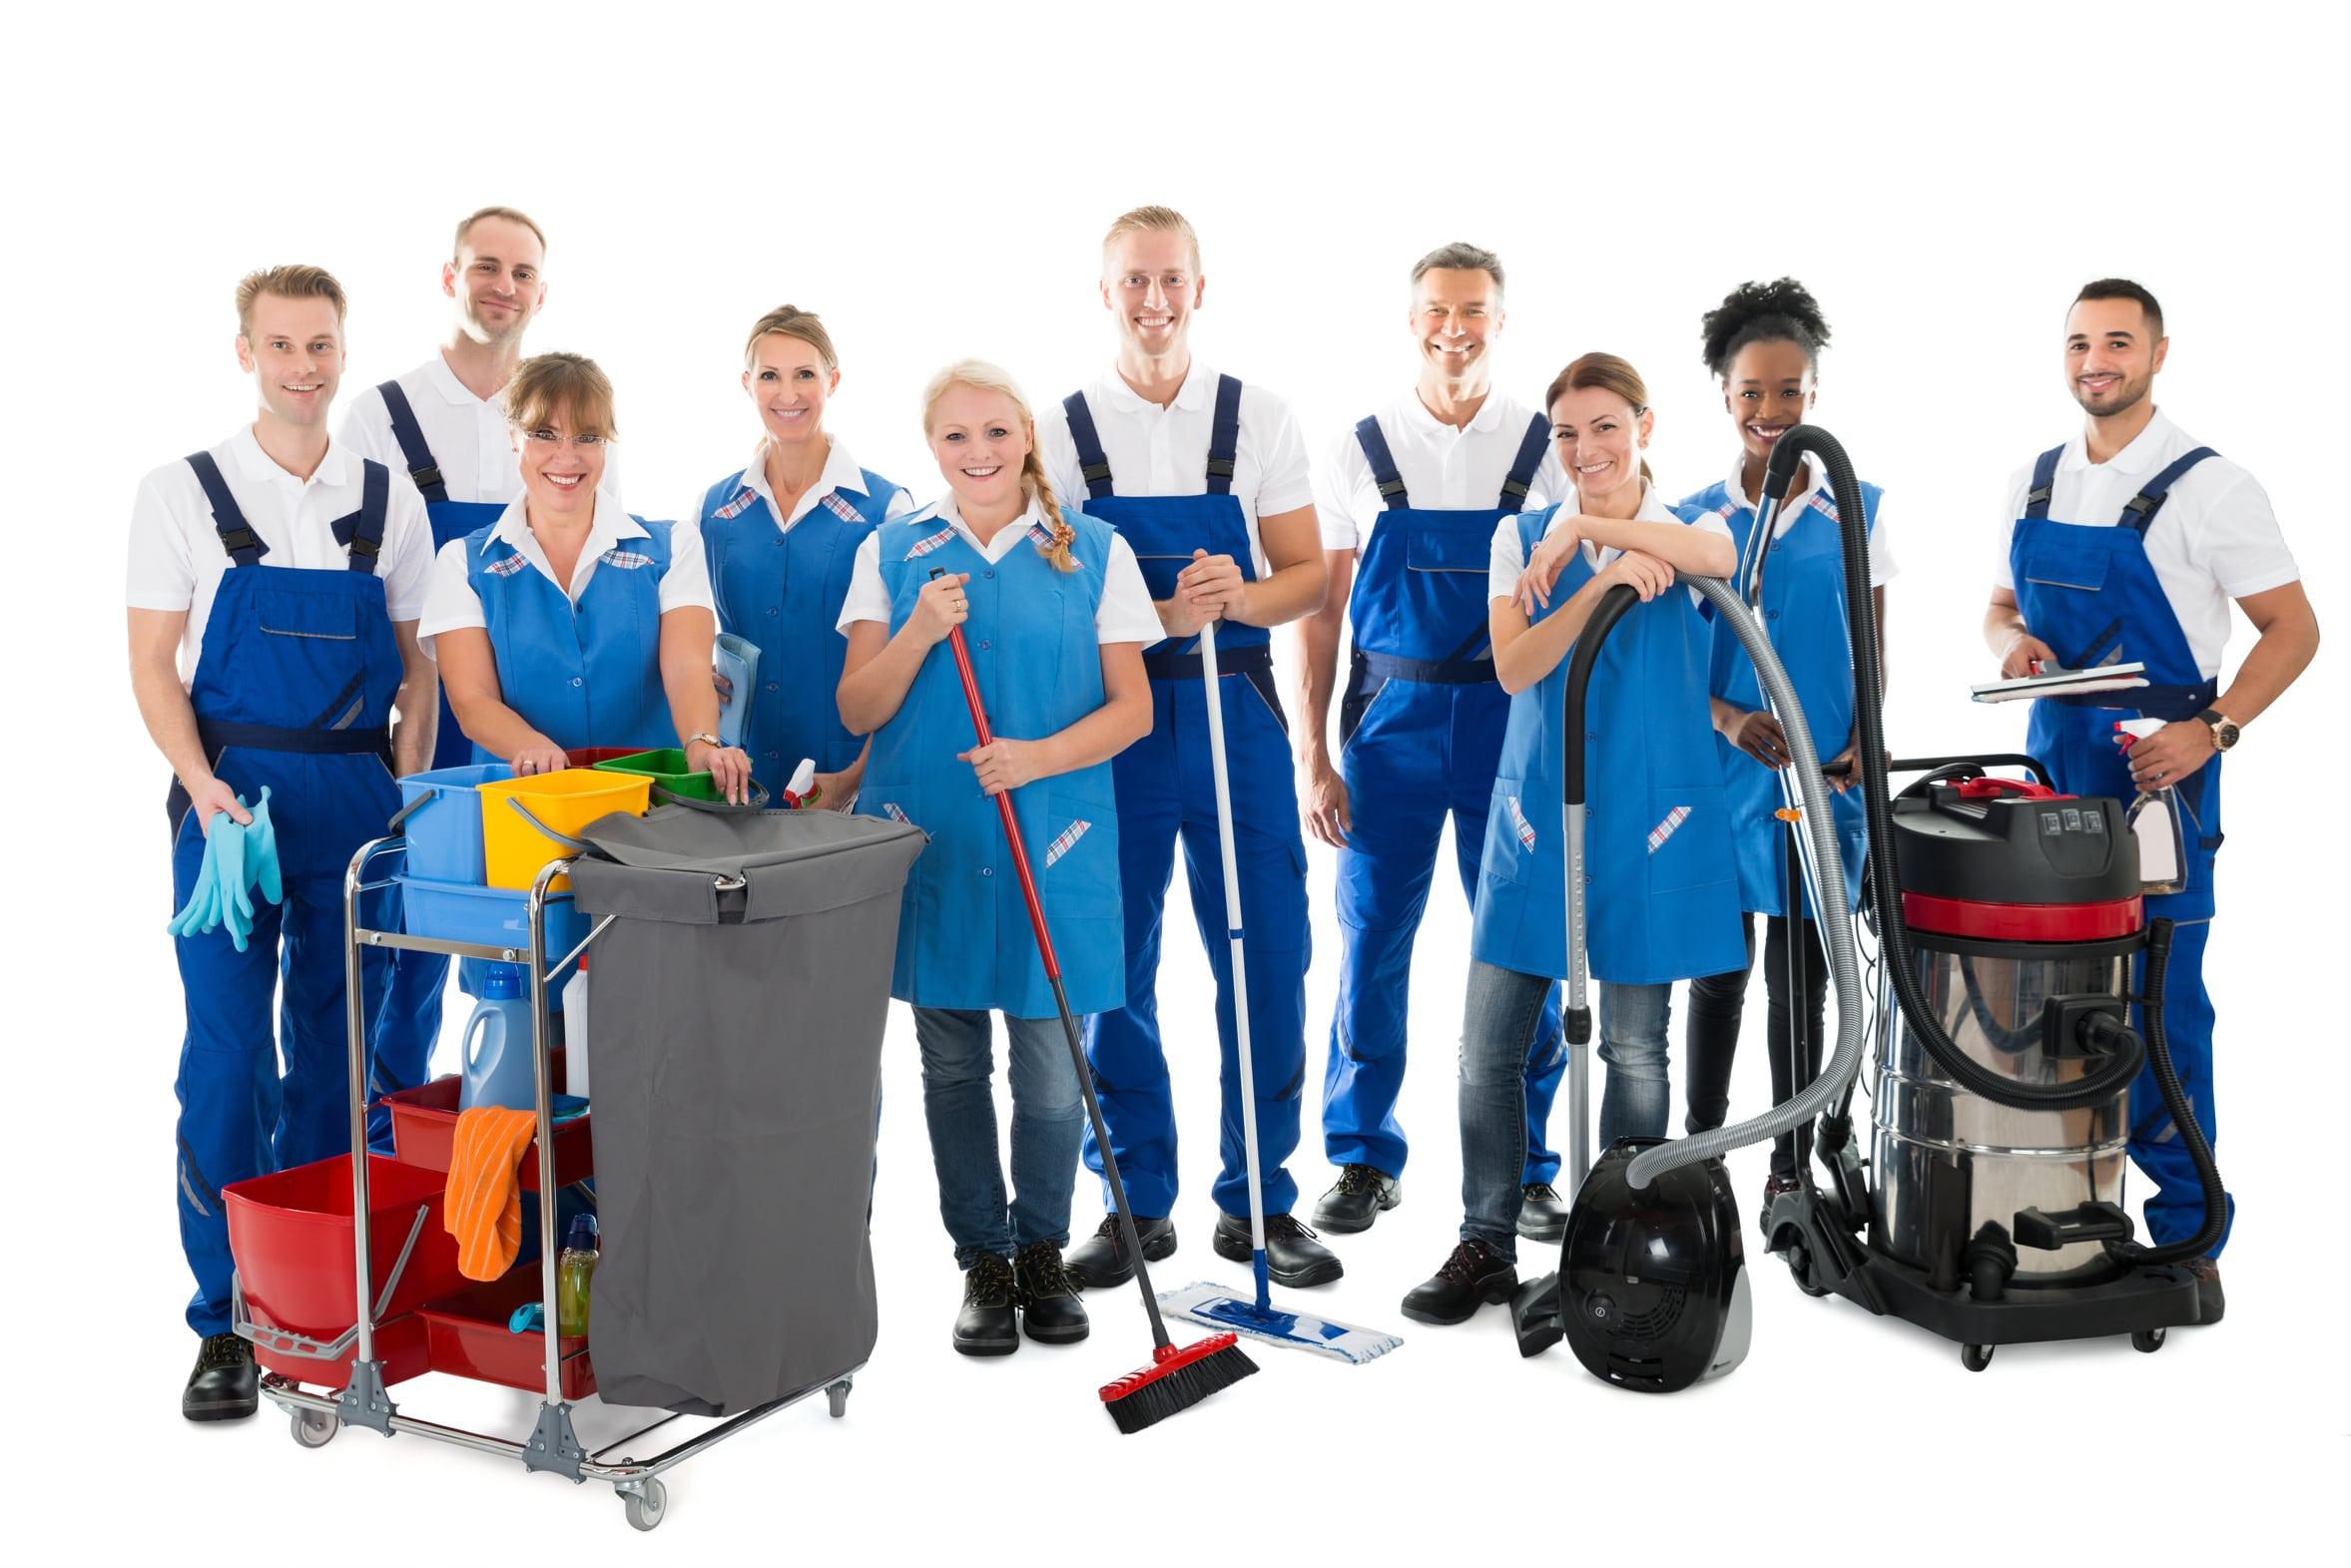 Reinigungsteam mit Ausrüstung